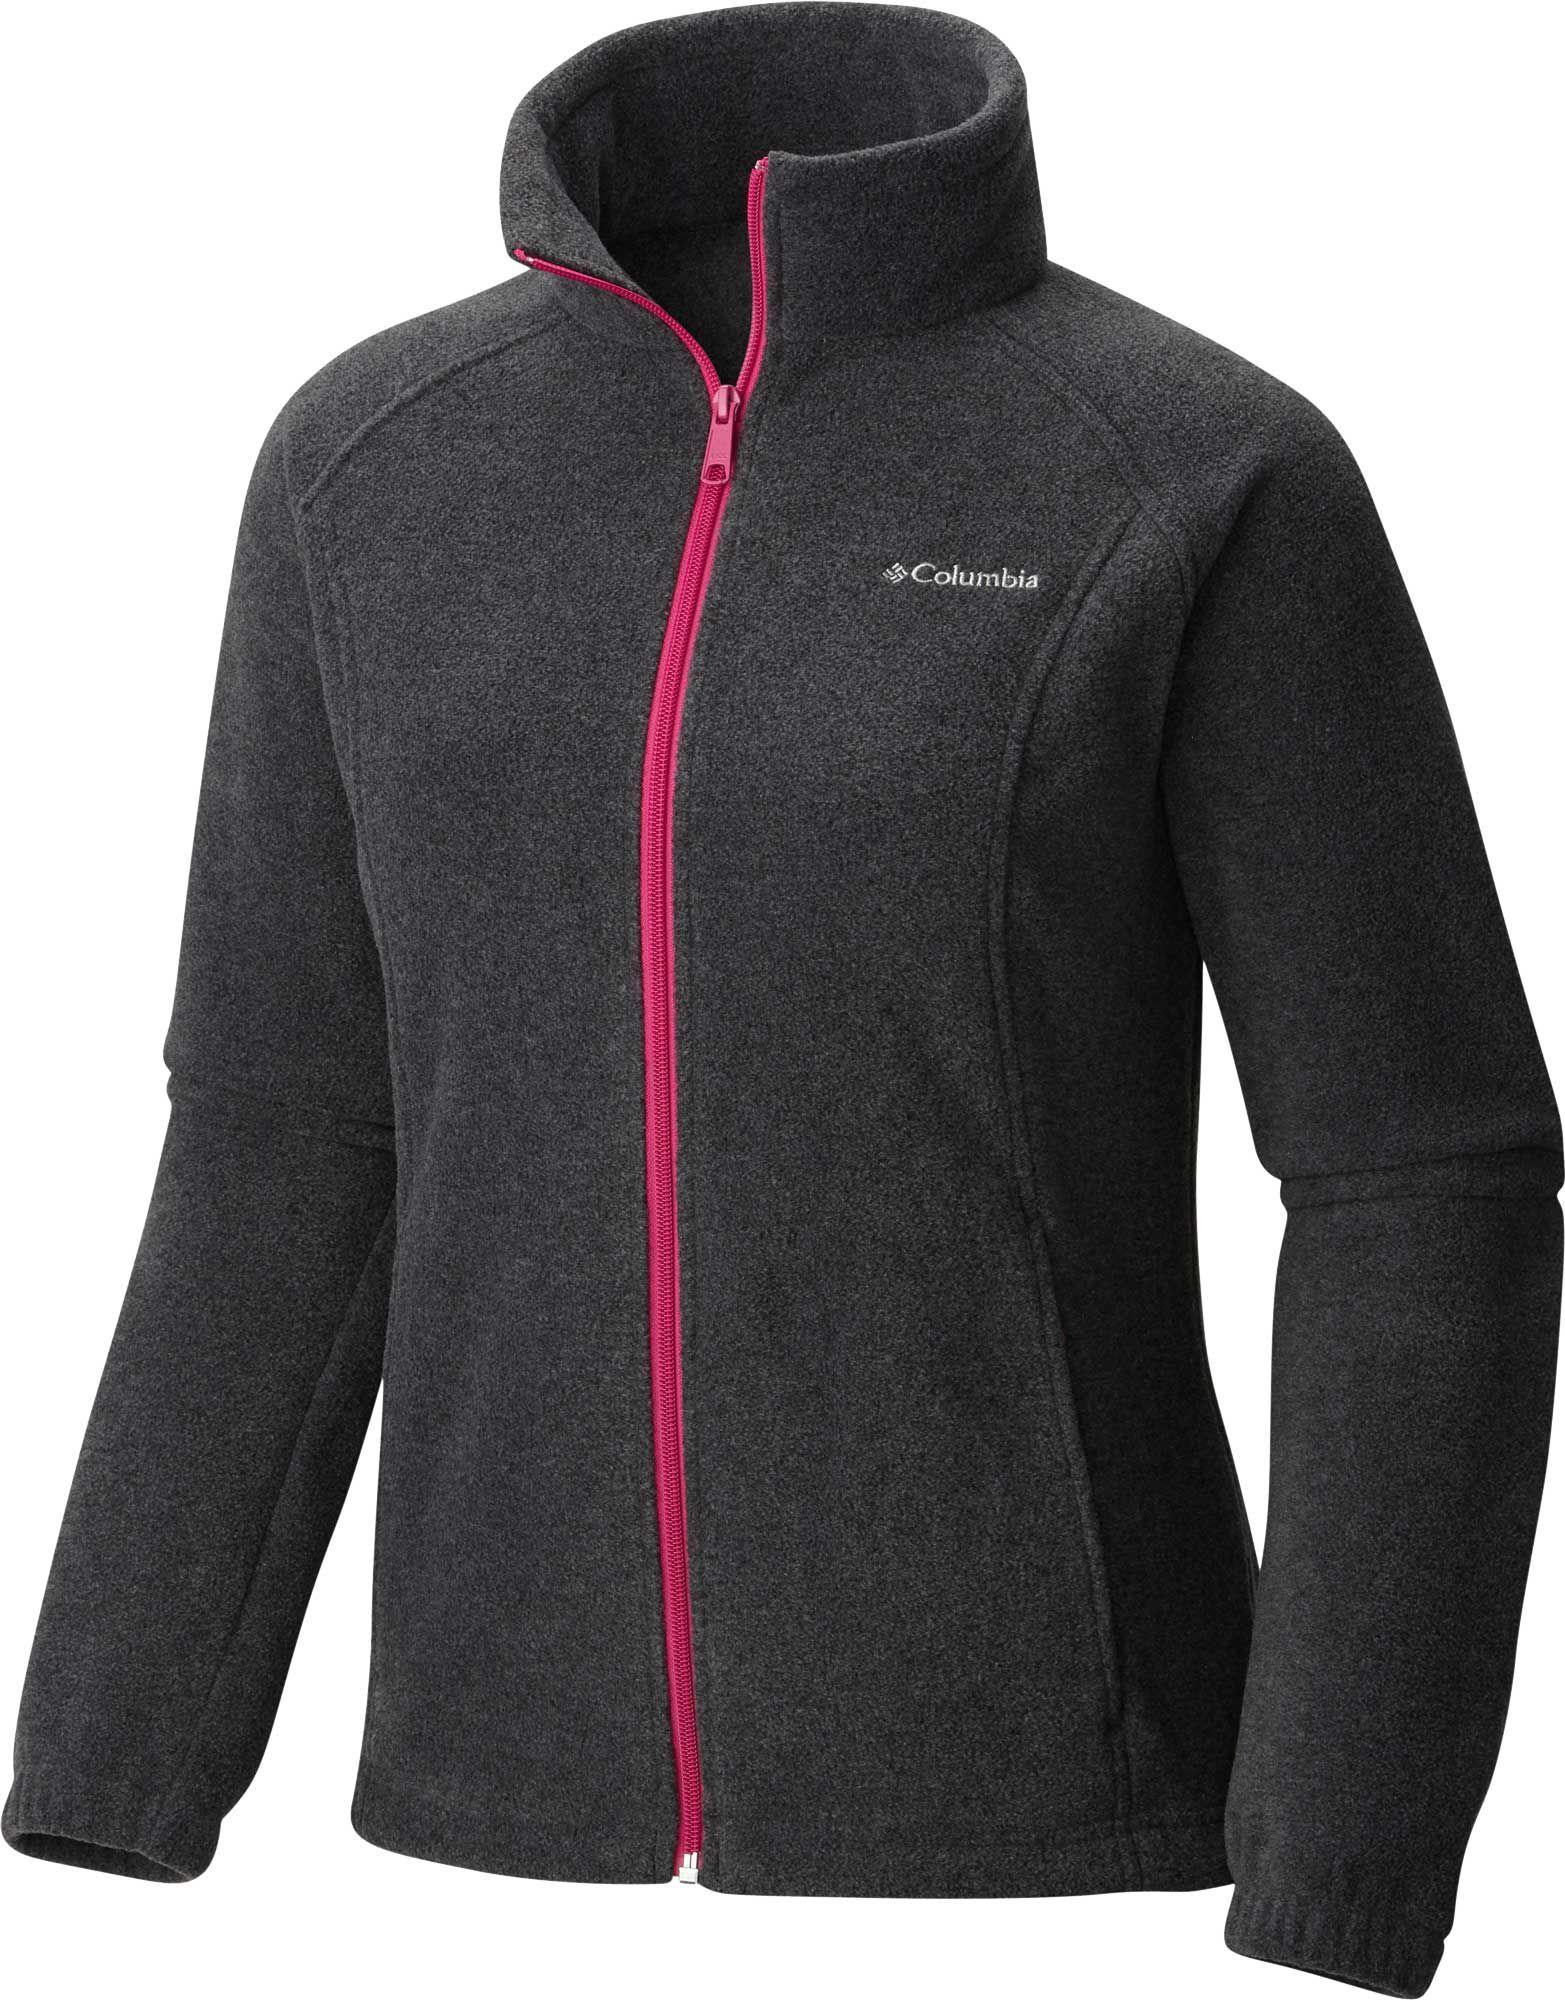 Columbia Women's Benton Springs Full Zip Fleece Jacket | DICK'S ...